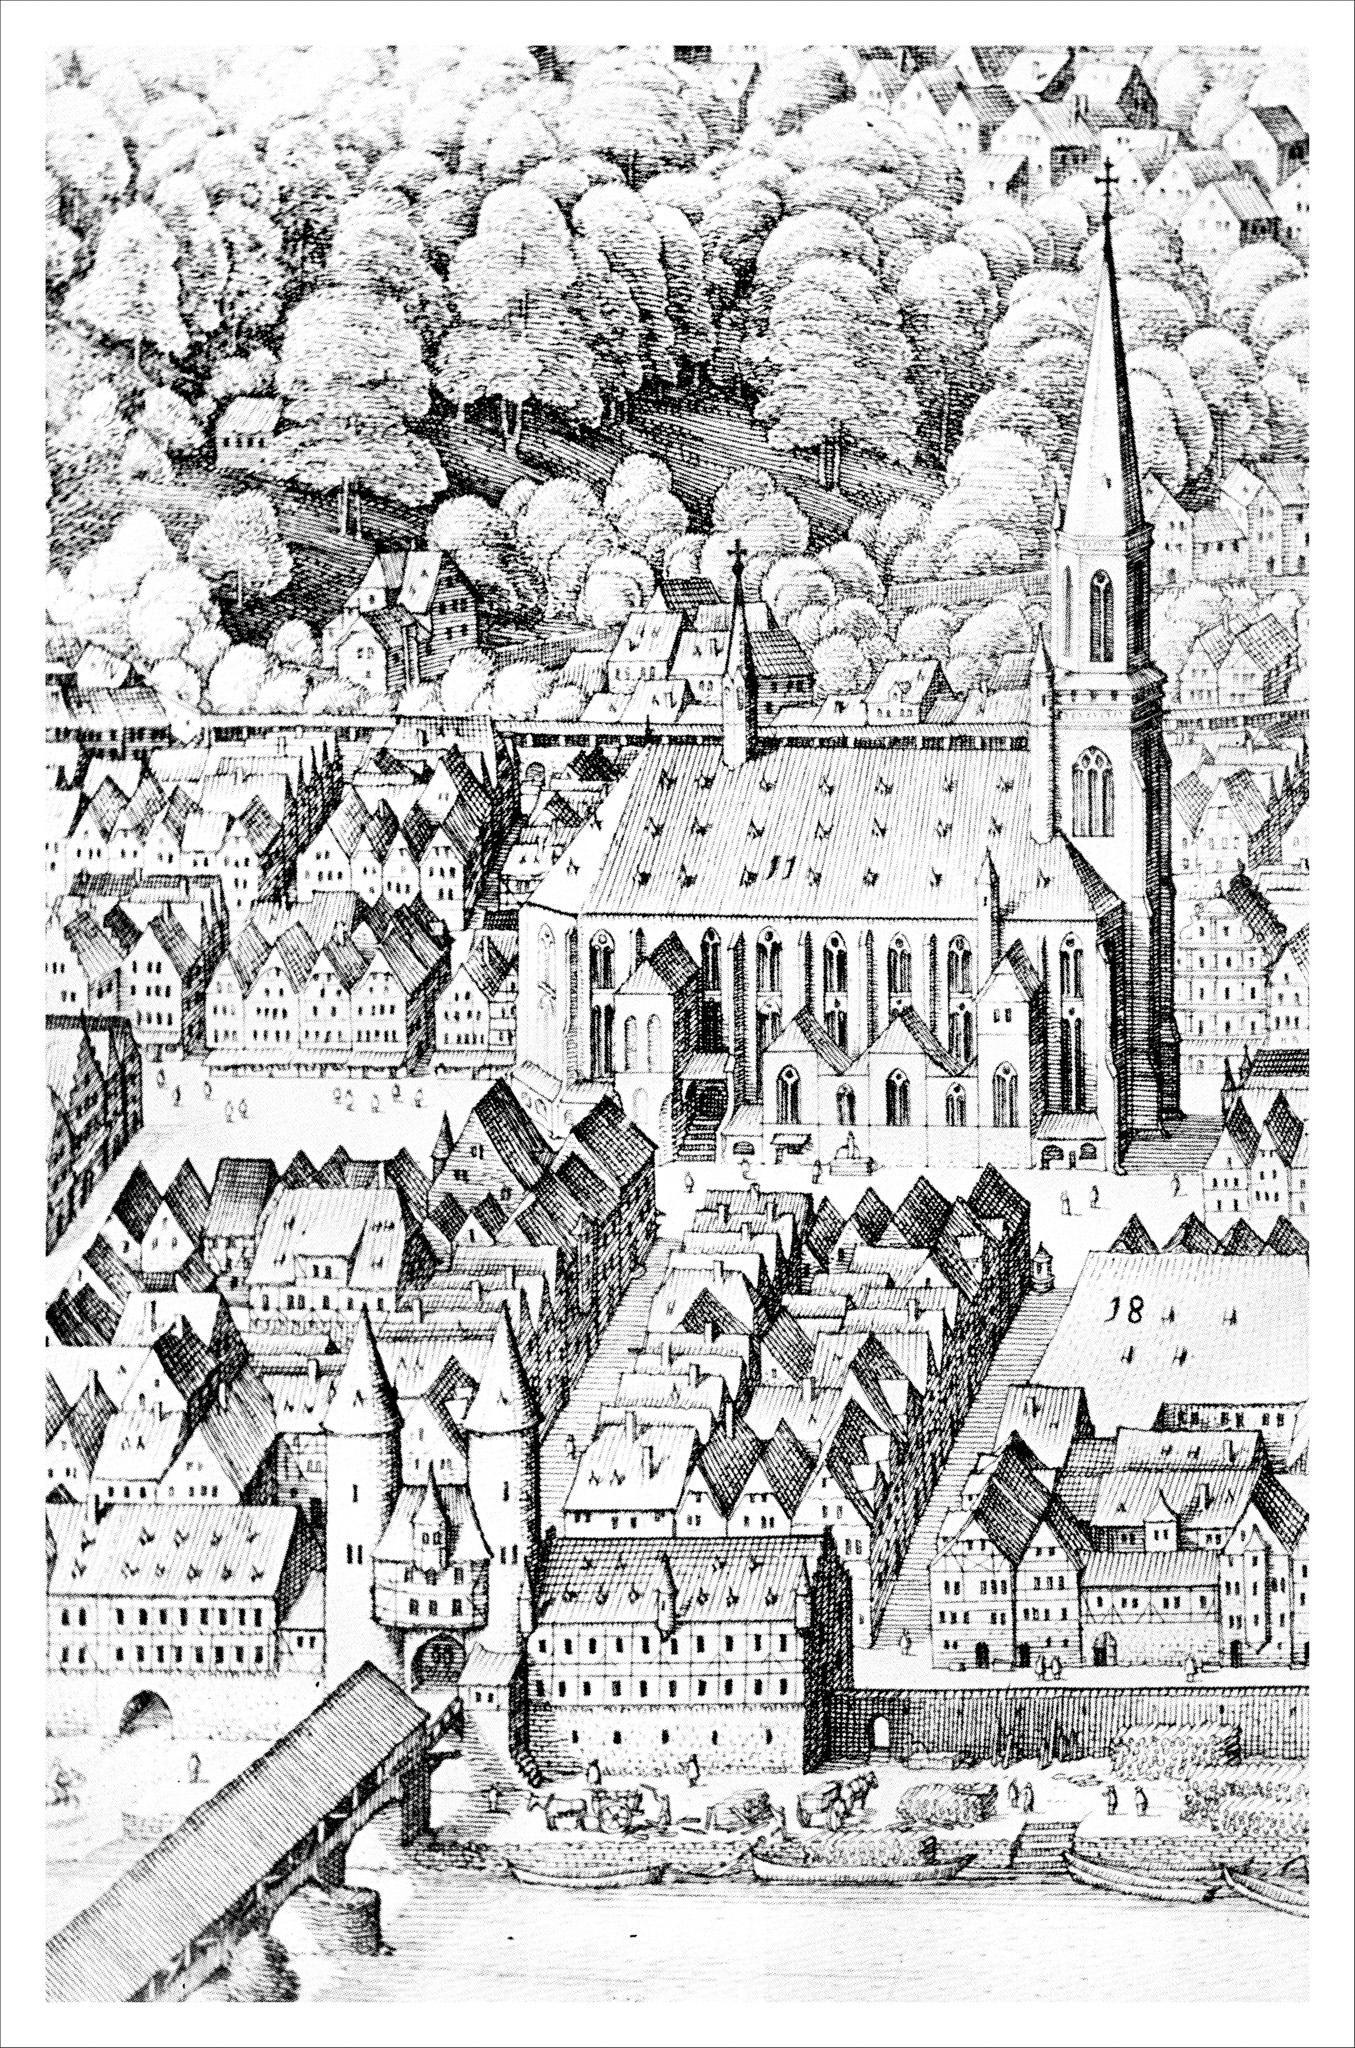 """Heidelberg - Heiliggeistkirche - Ausschnitt aus der """"Großen Ansicht der Stadt Heidelberg"""" von Matthäus Merian d.Ä., um 1620 (Quelle: Eberhard Zahn, Die Heiliggeistkirche zu Heidelberg, 1960)"""